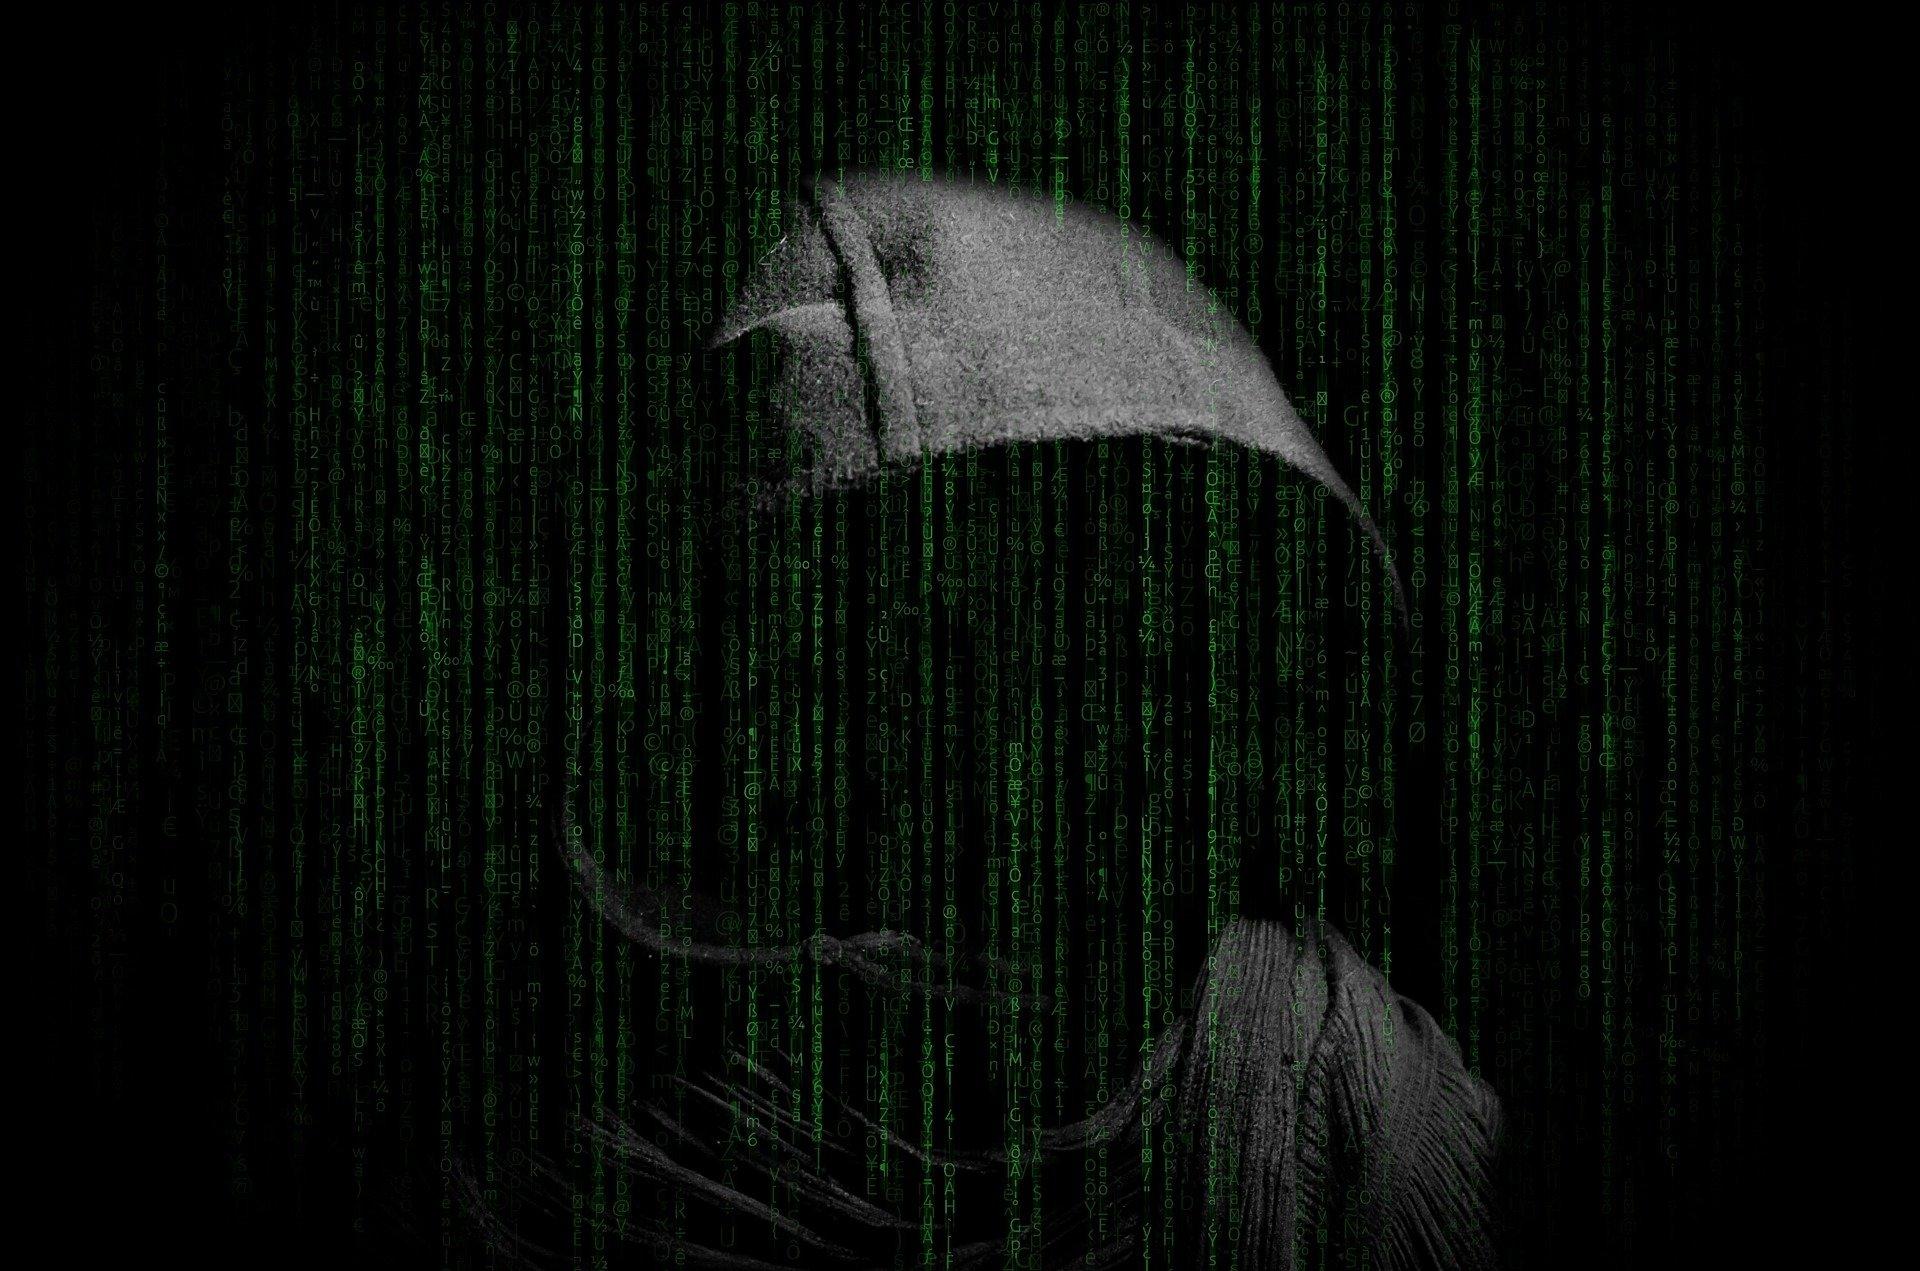 Auch Bundeskriminalamt soll heimlich Pegasus-Spähsoftware eingesetzt haben